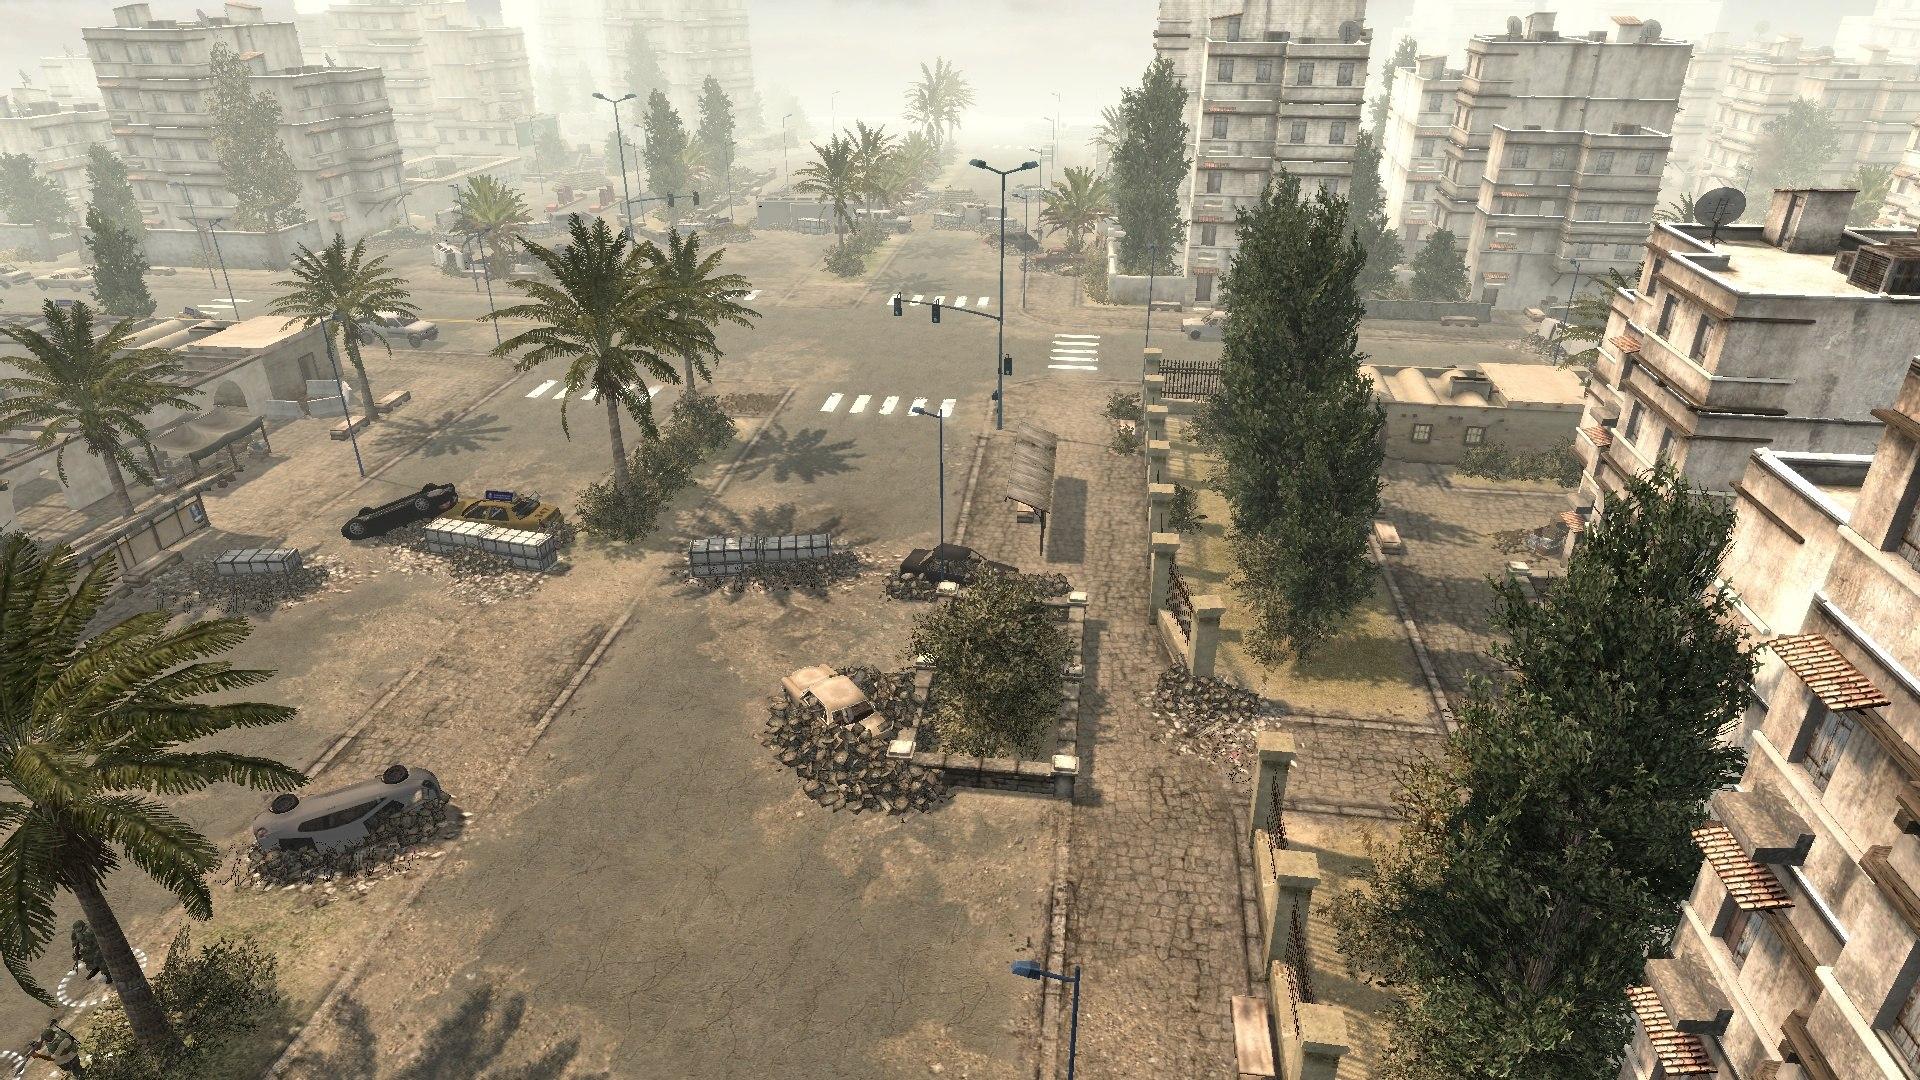 скачать в тылу врага 2 штурм с модом cold war 1.6.2 версия бесплатно